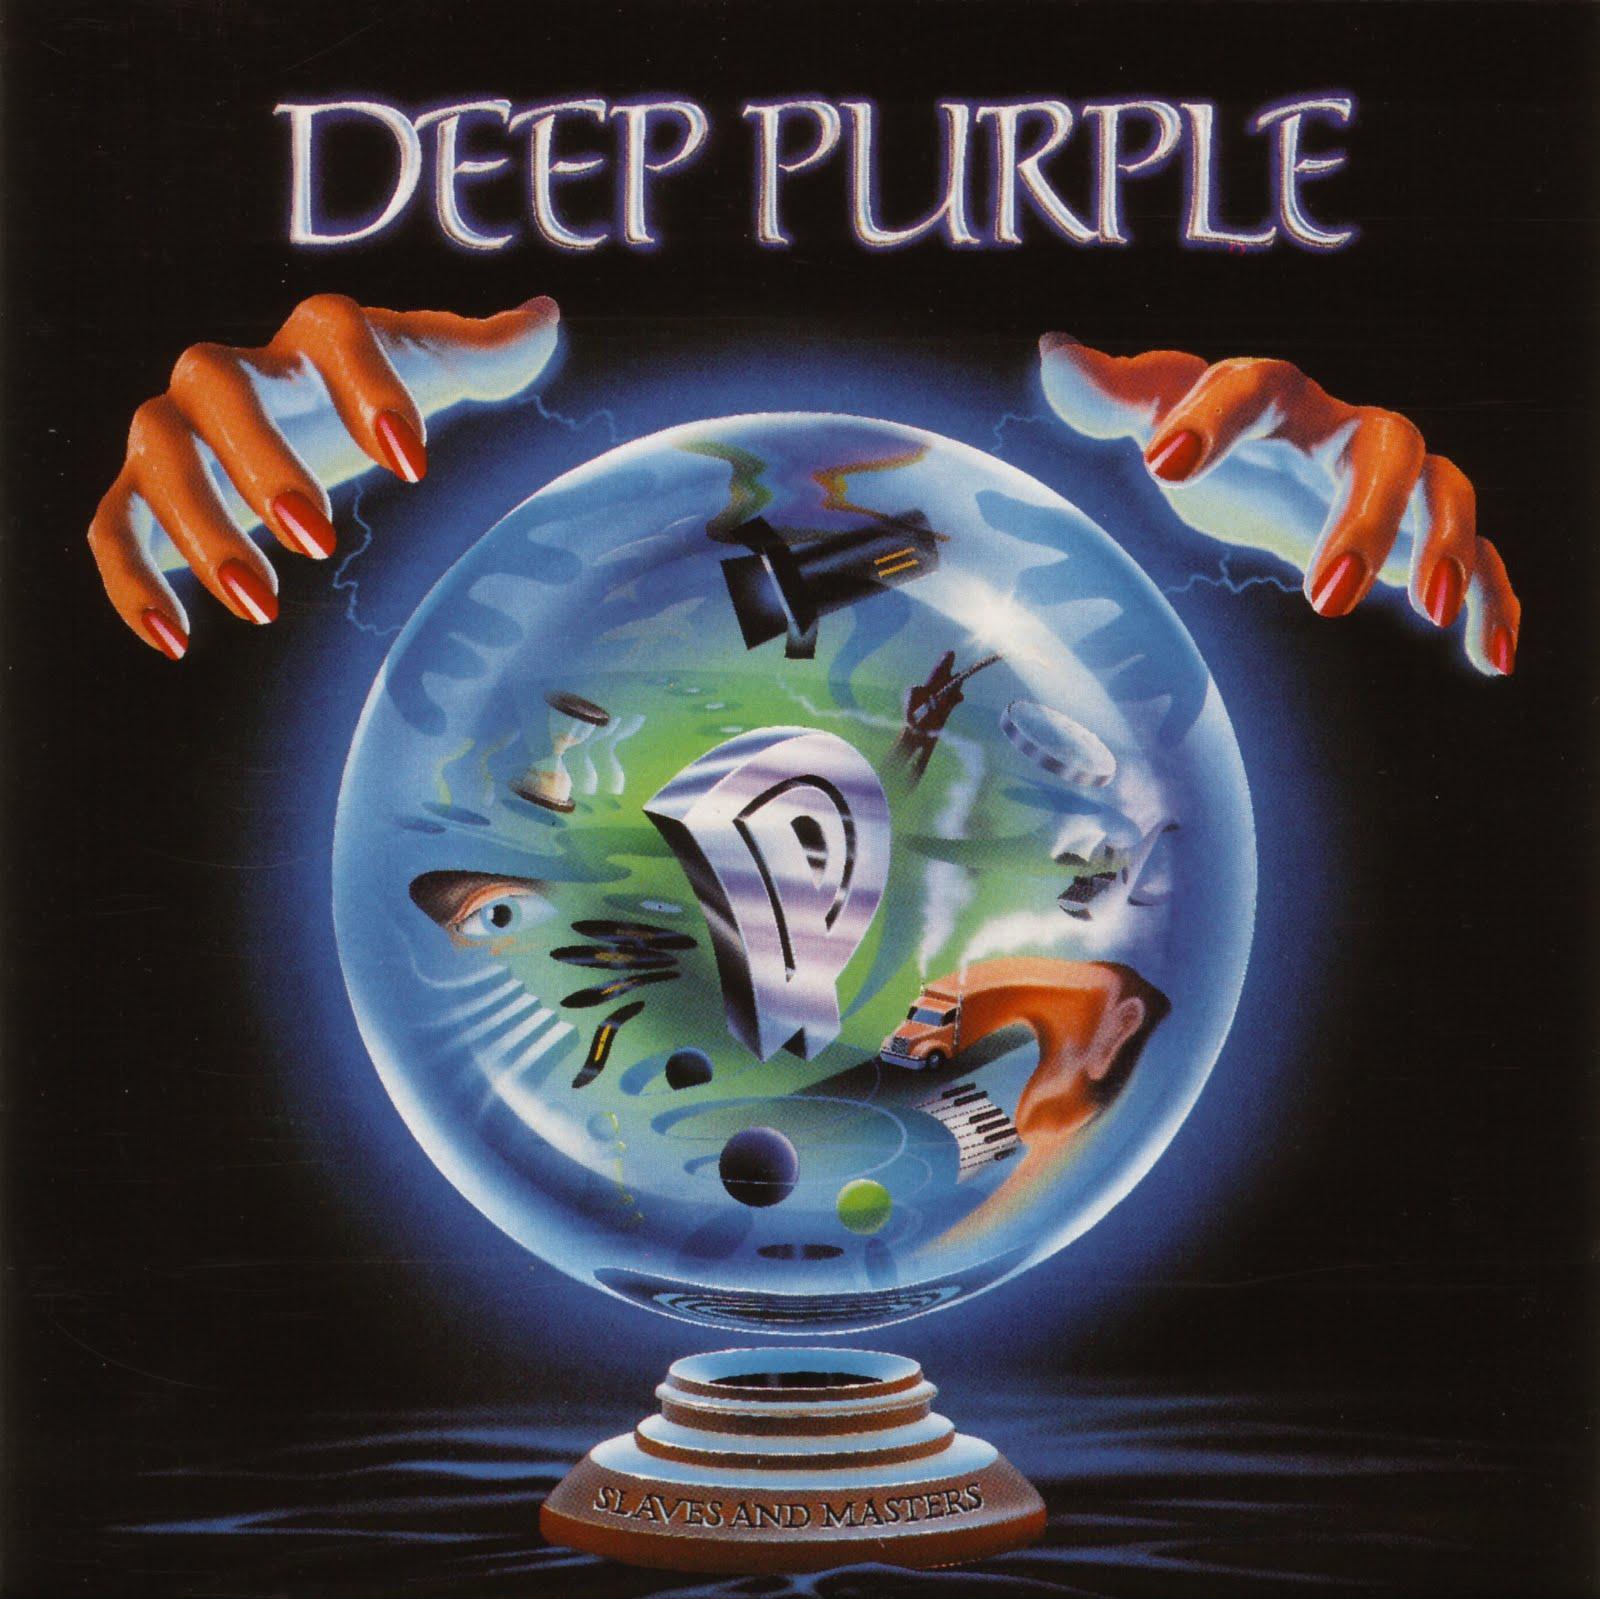 Deep Purple – Slaves and Masters: факты и цитаты - Роккульт